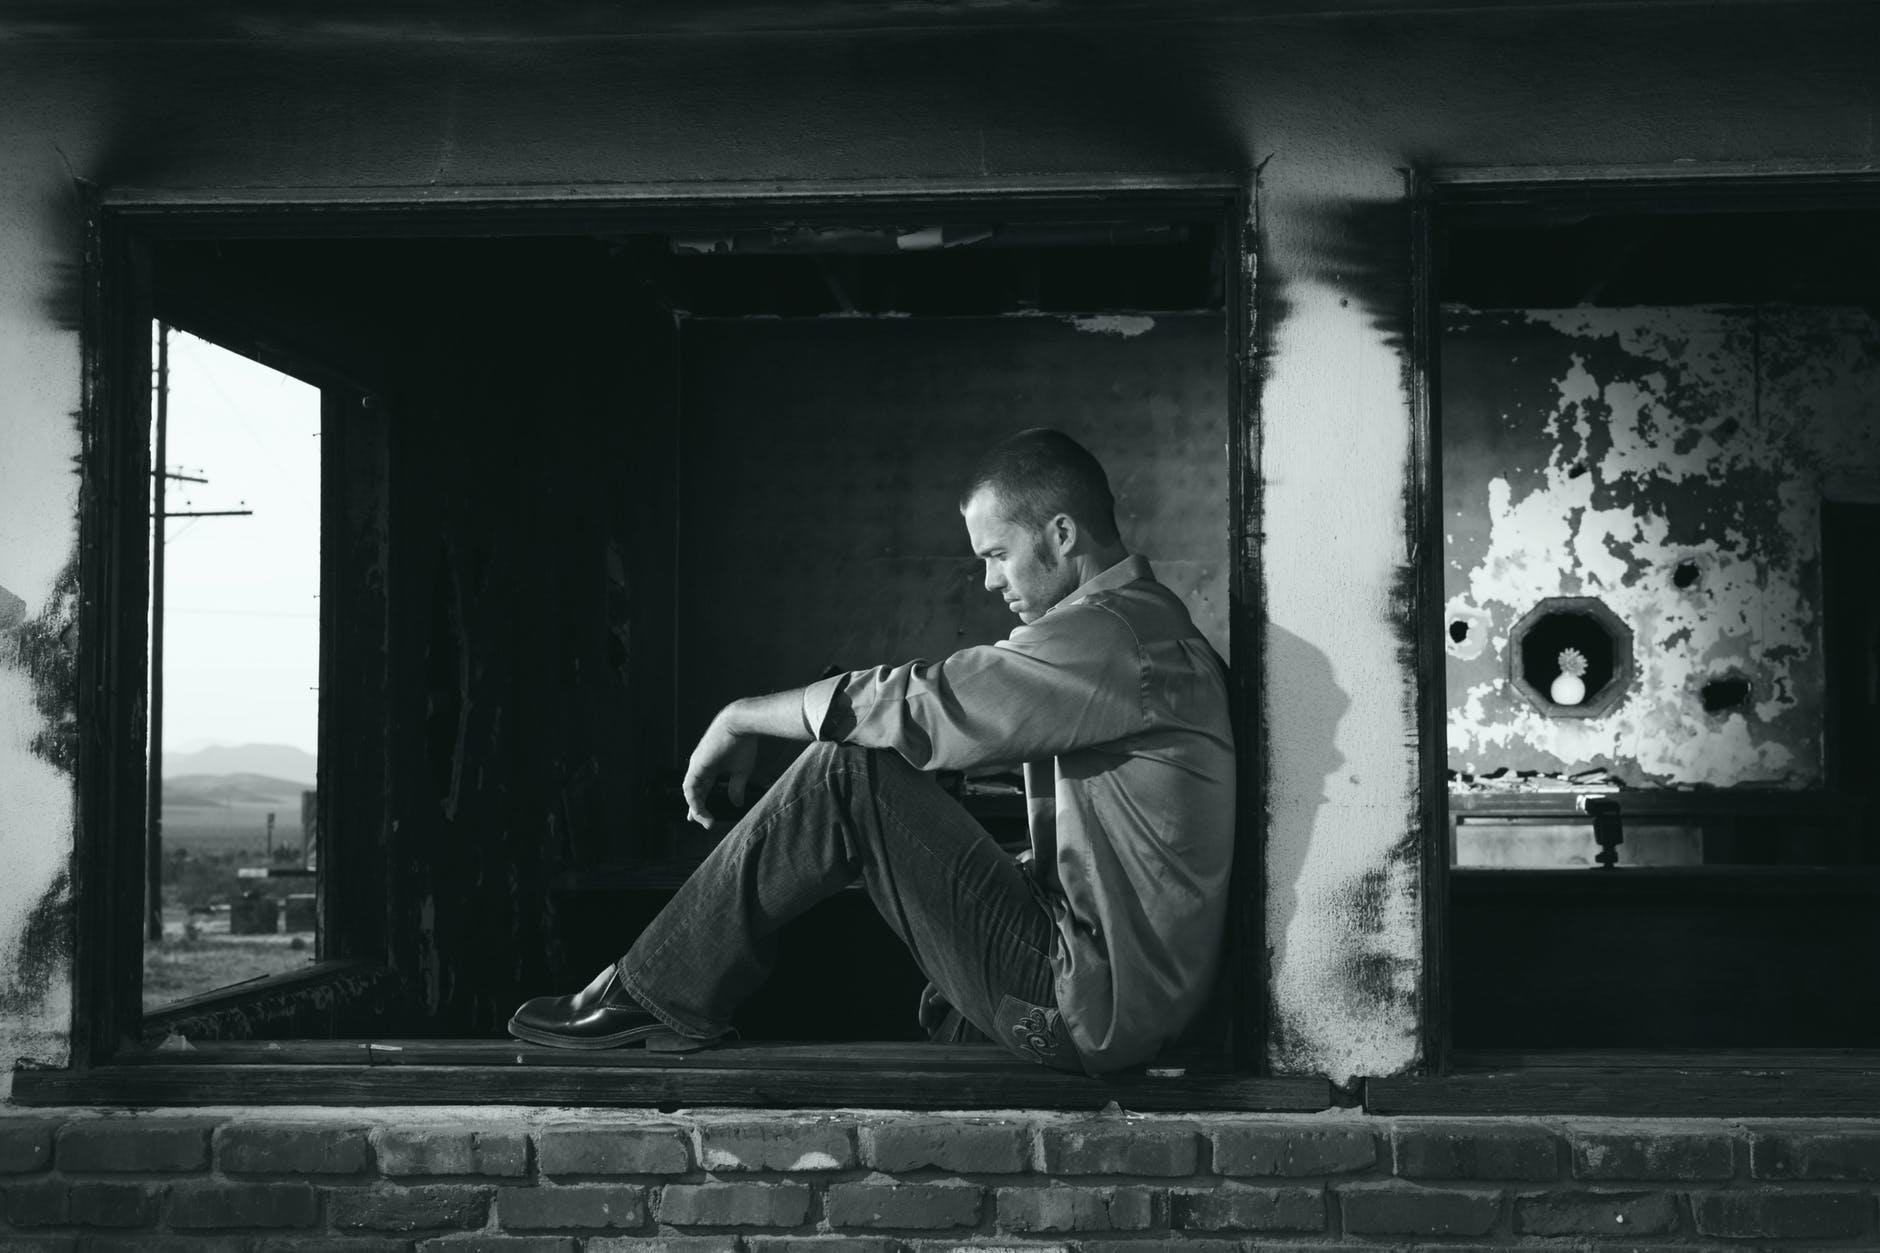 La Depressione ed il Rischio di contrarre altre Malattie